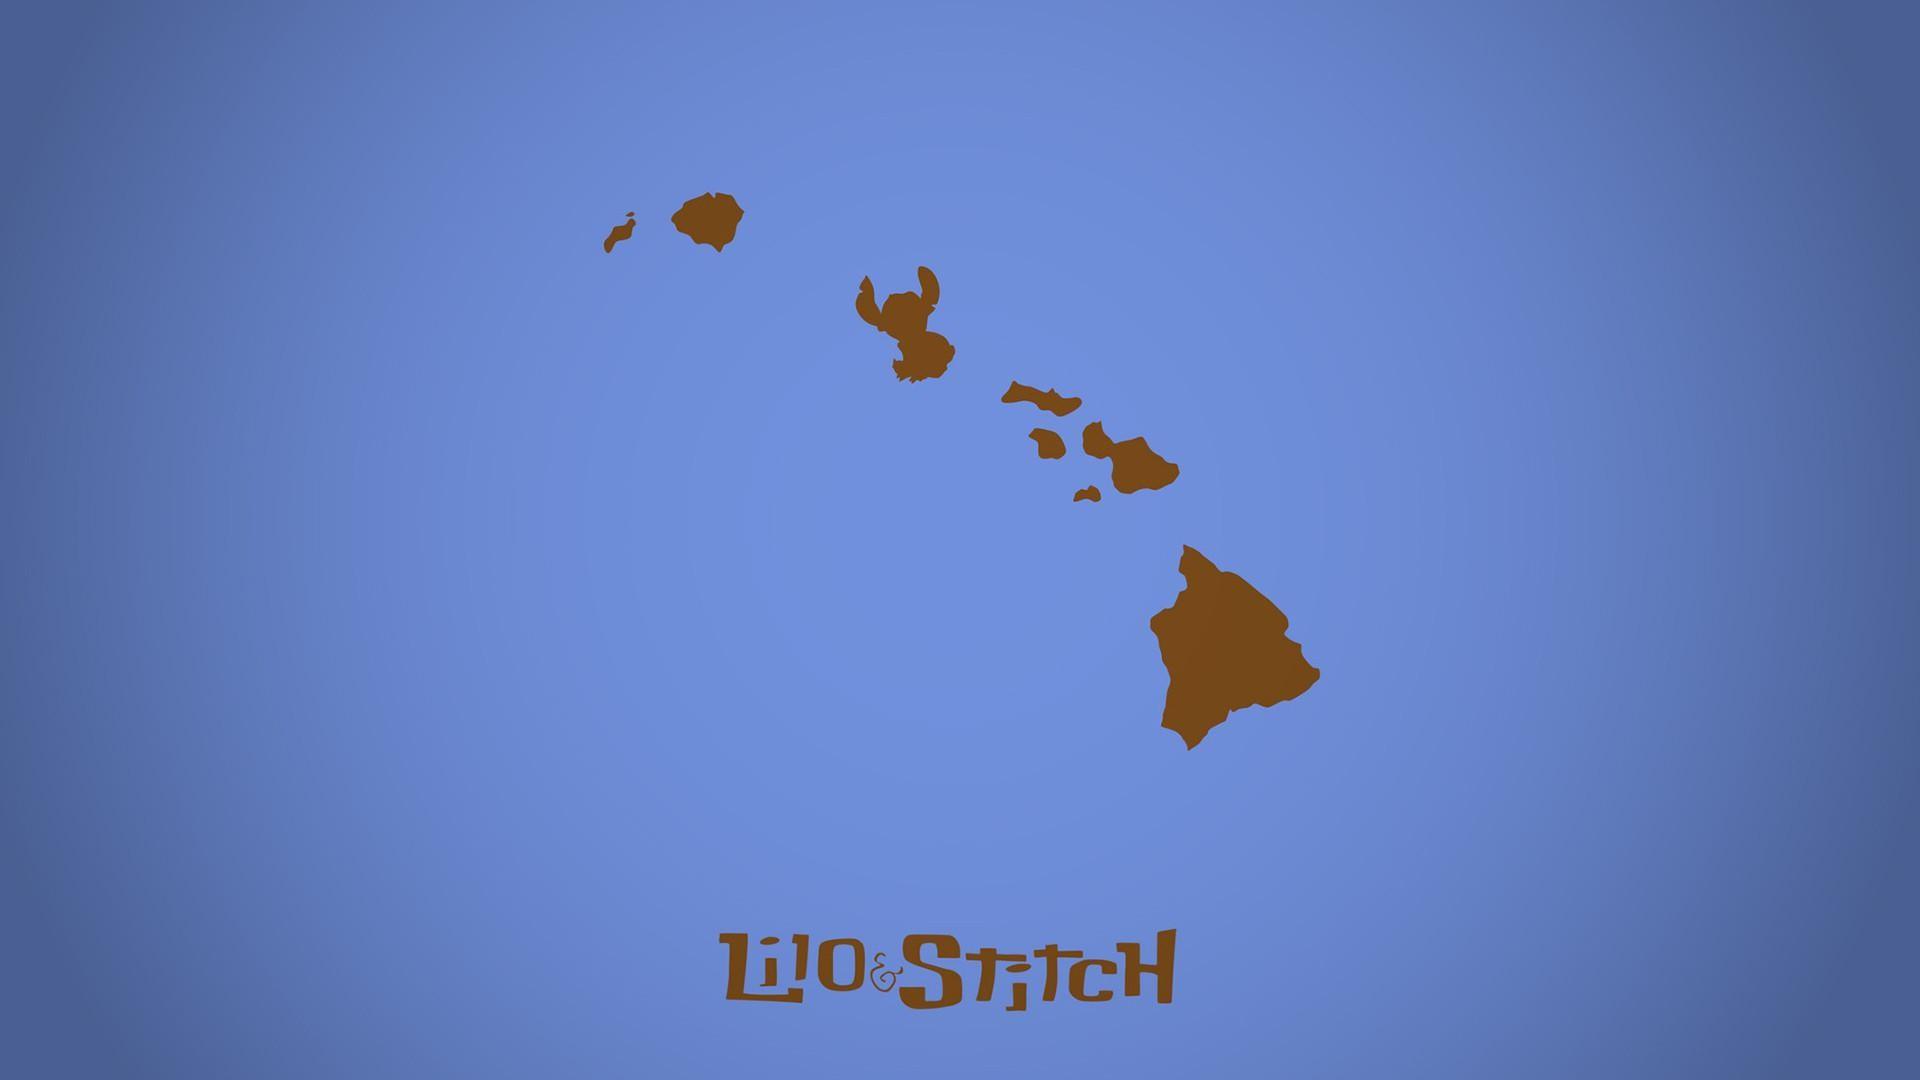 1920x1080 Lilo Stitch Wallpapers HD Download Hi